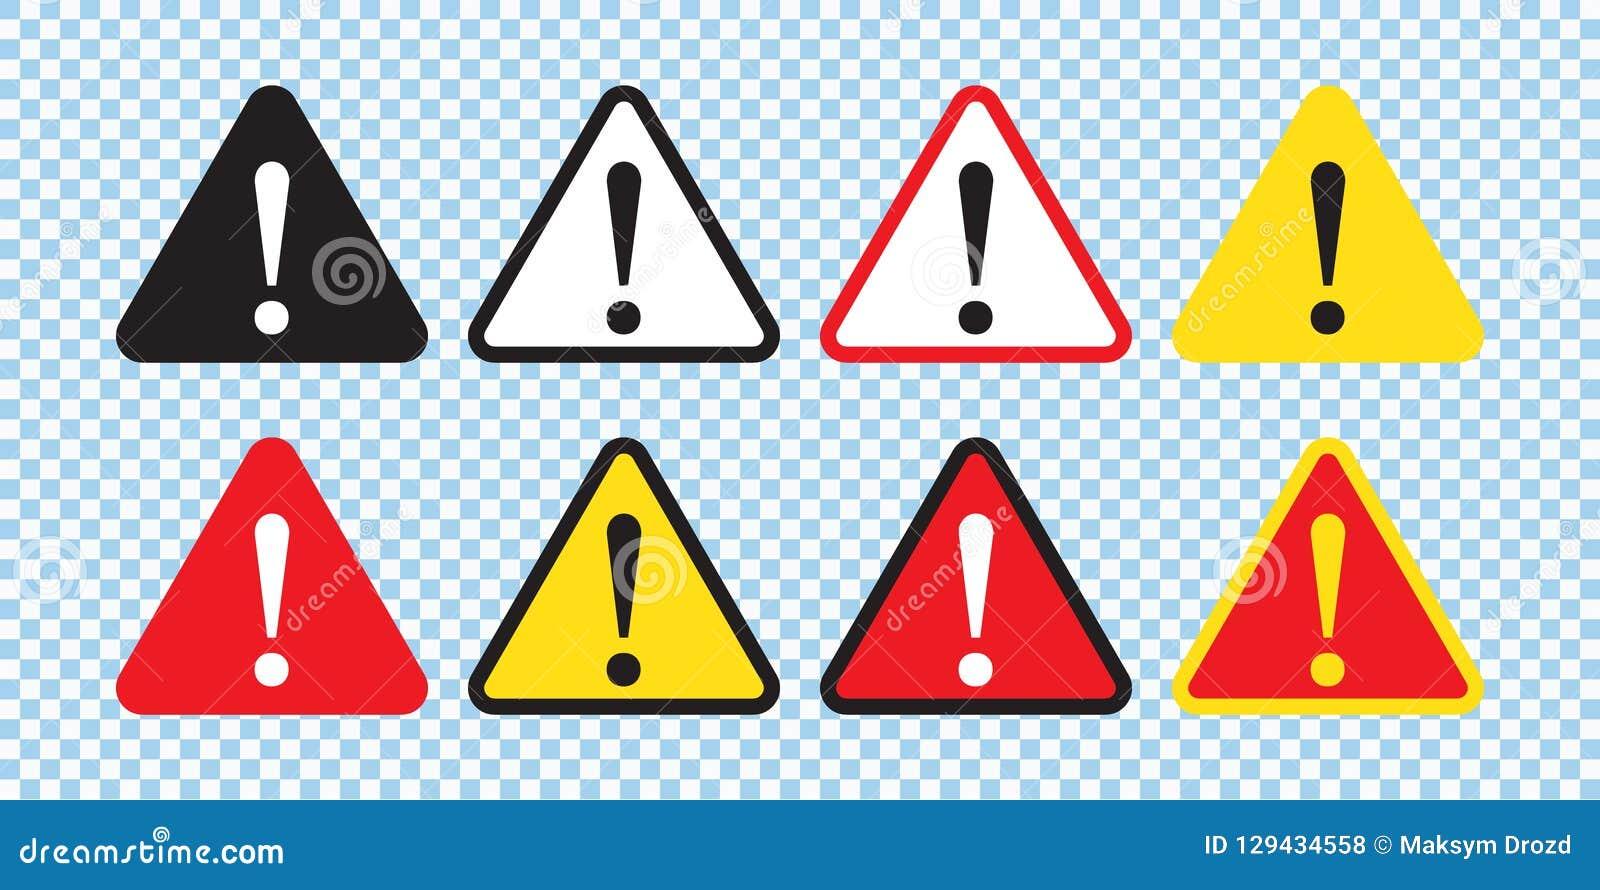 Sinal do perigo, sinal de aviso, sinal da atenção Ícone do perigo, ícone de advertência, ícone da atenção